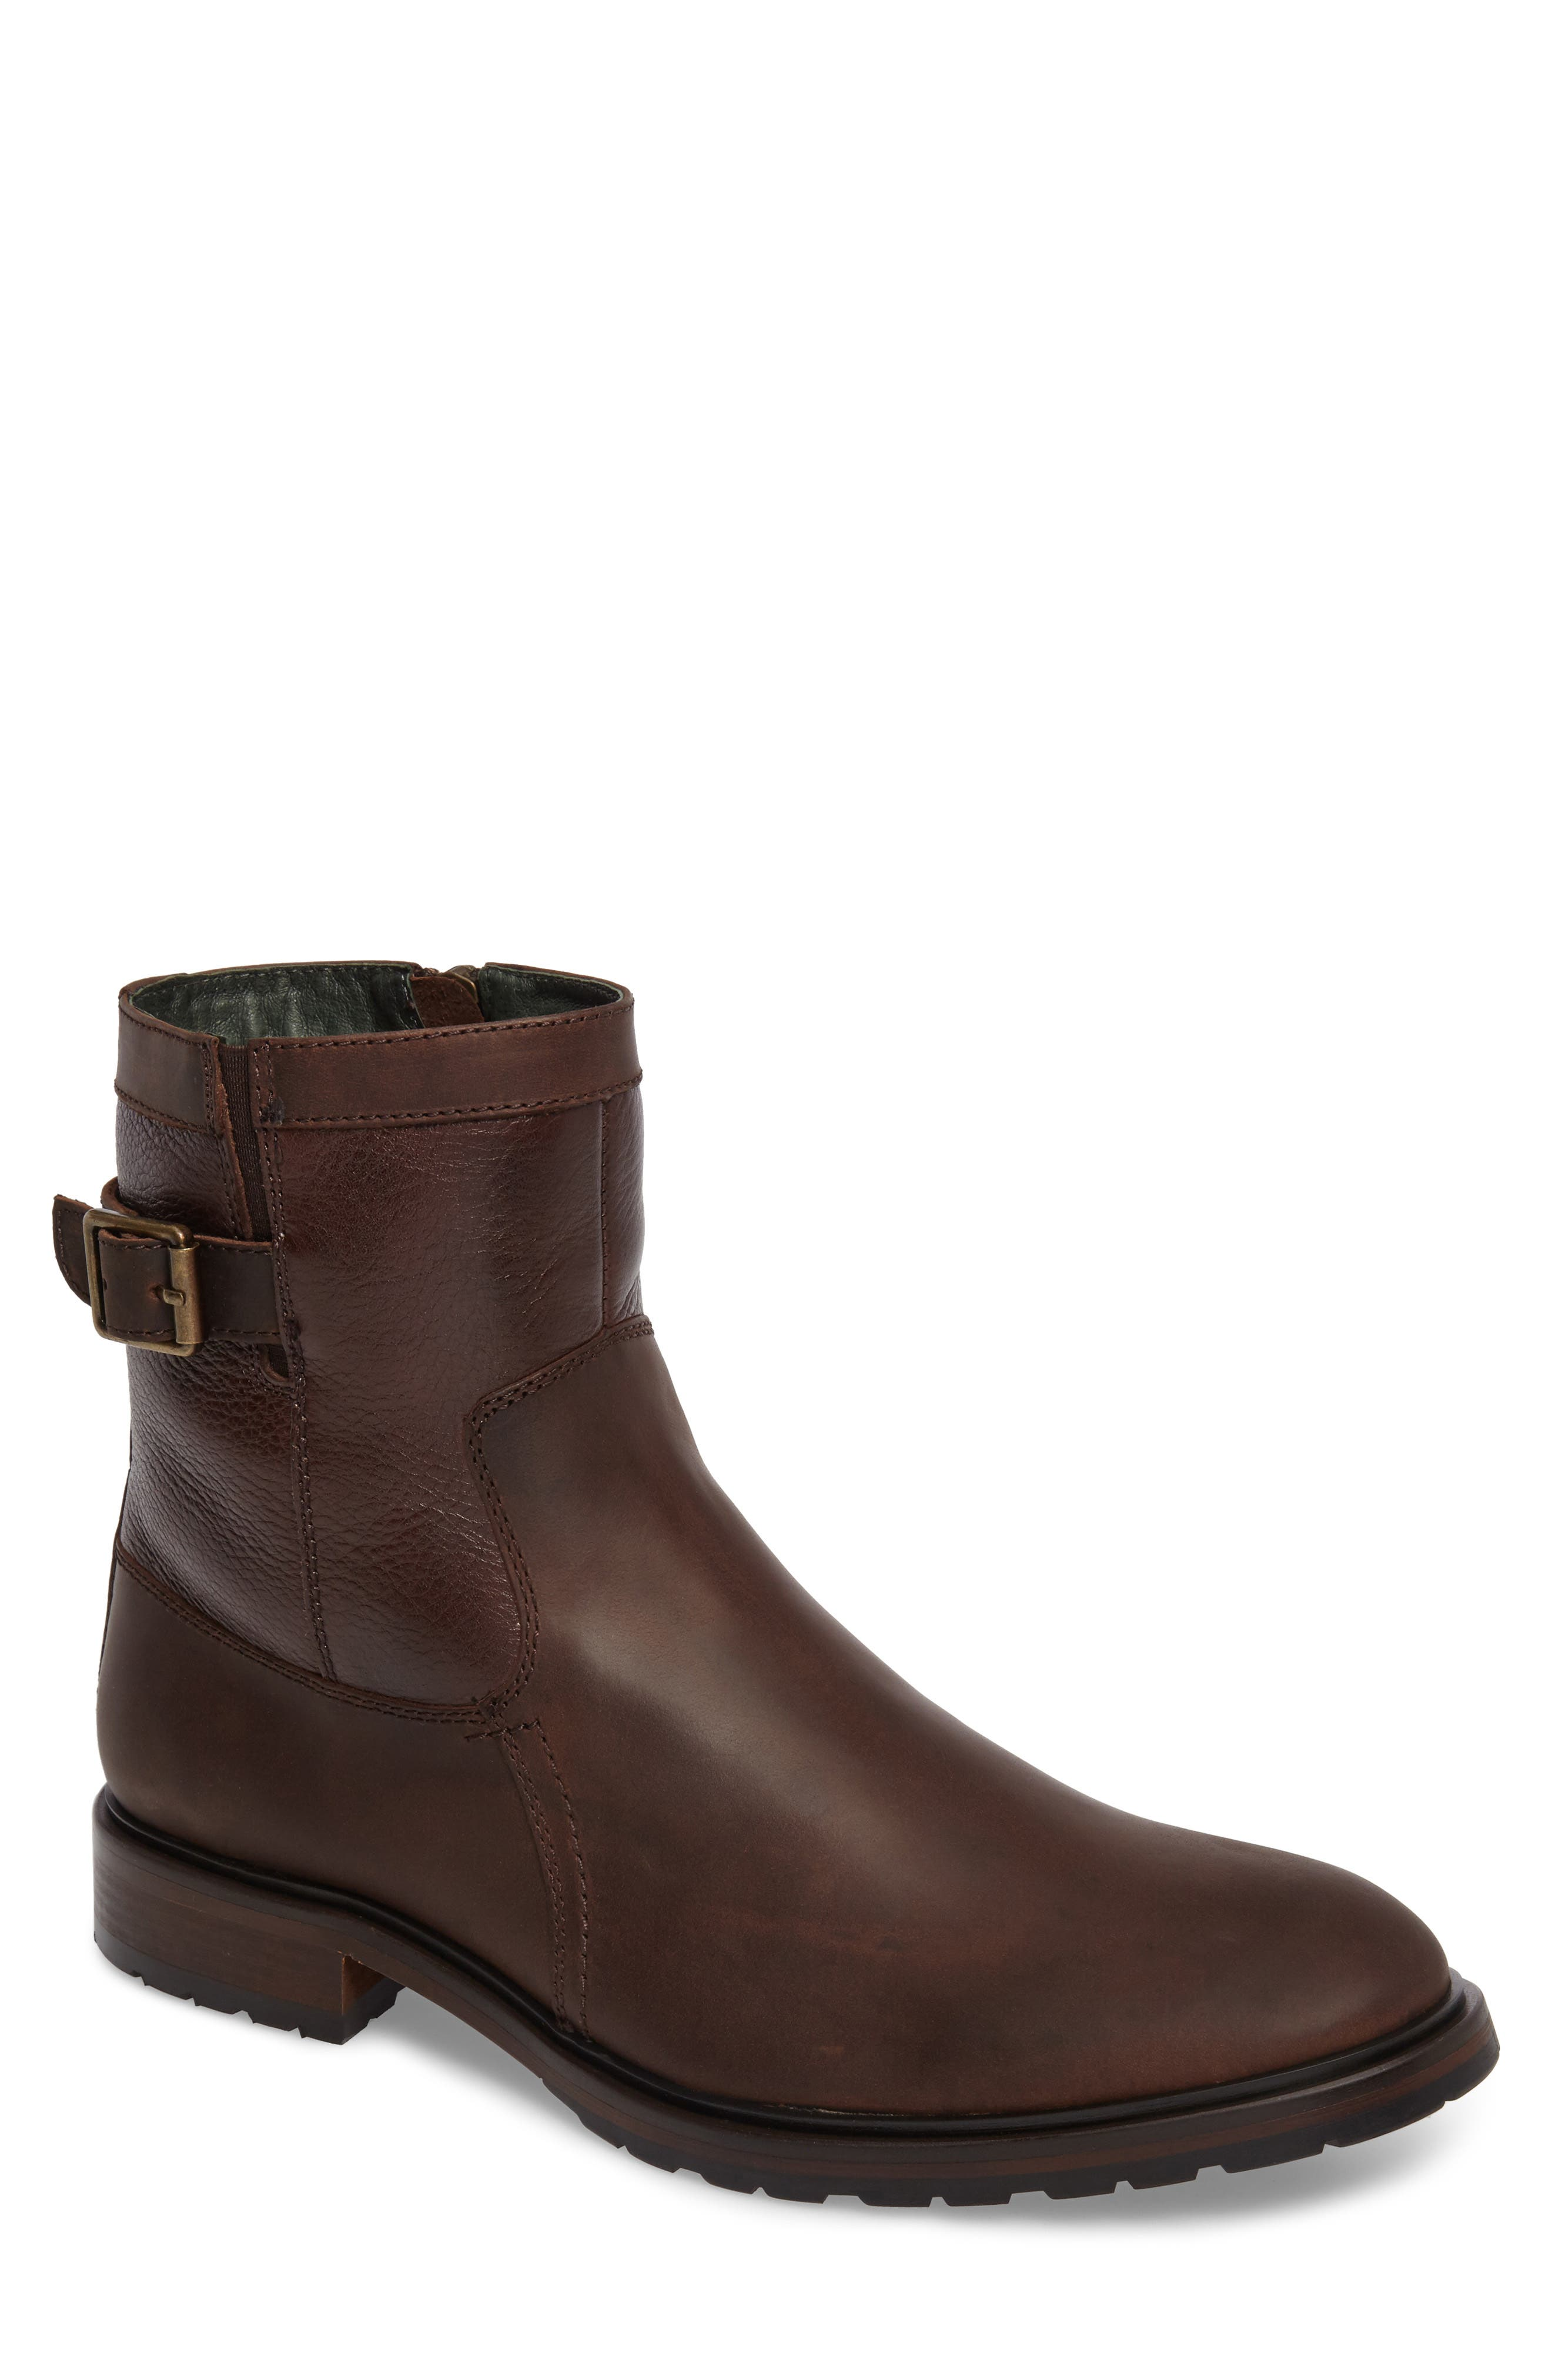 Myles Zip Boot,                         Main,                         color, Dark Brown Leather